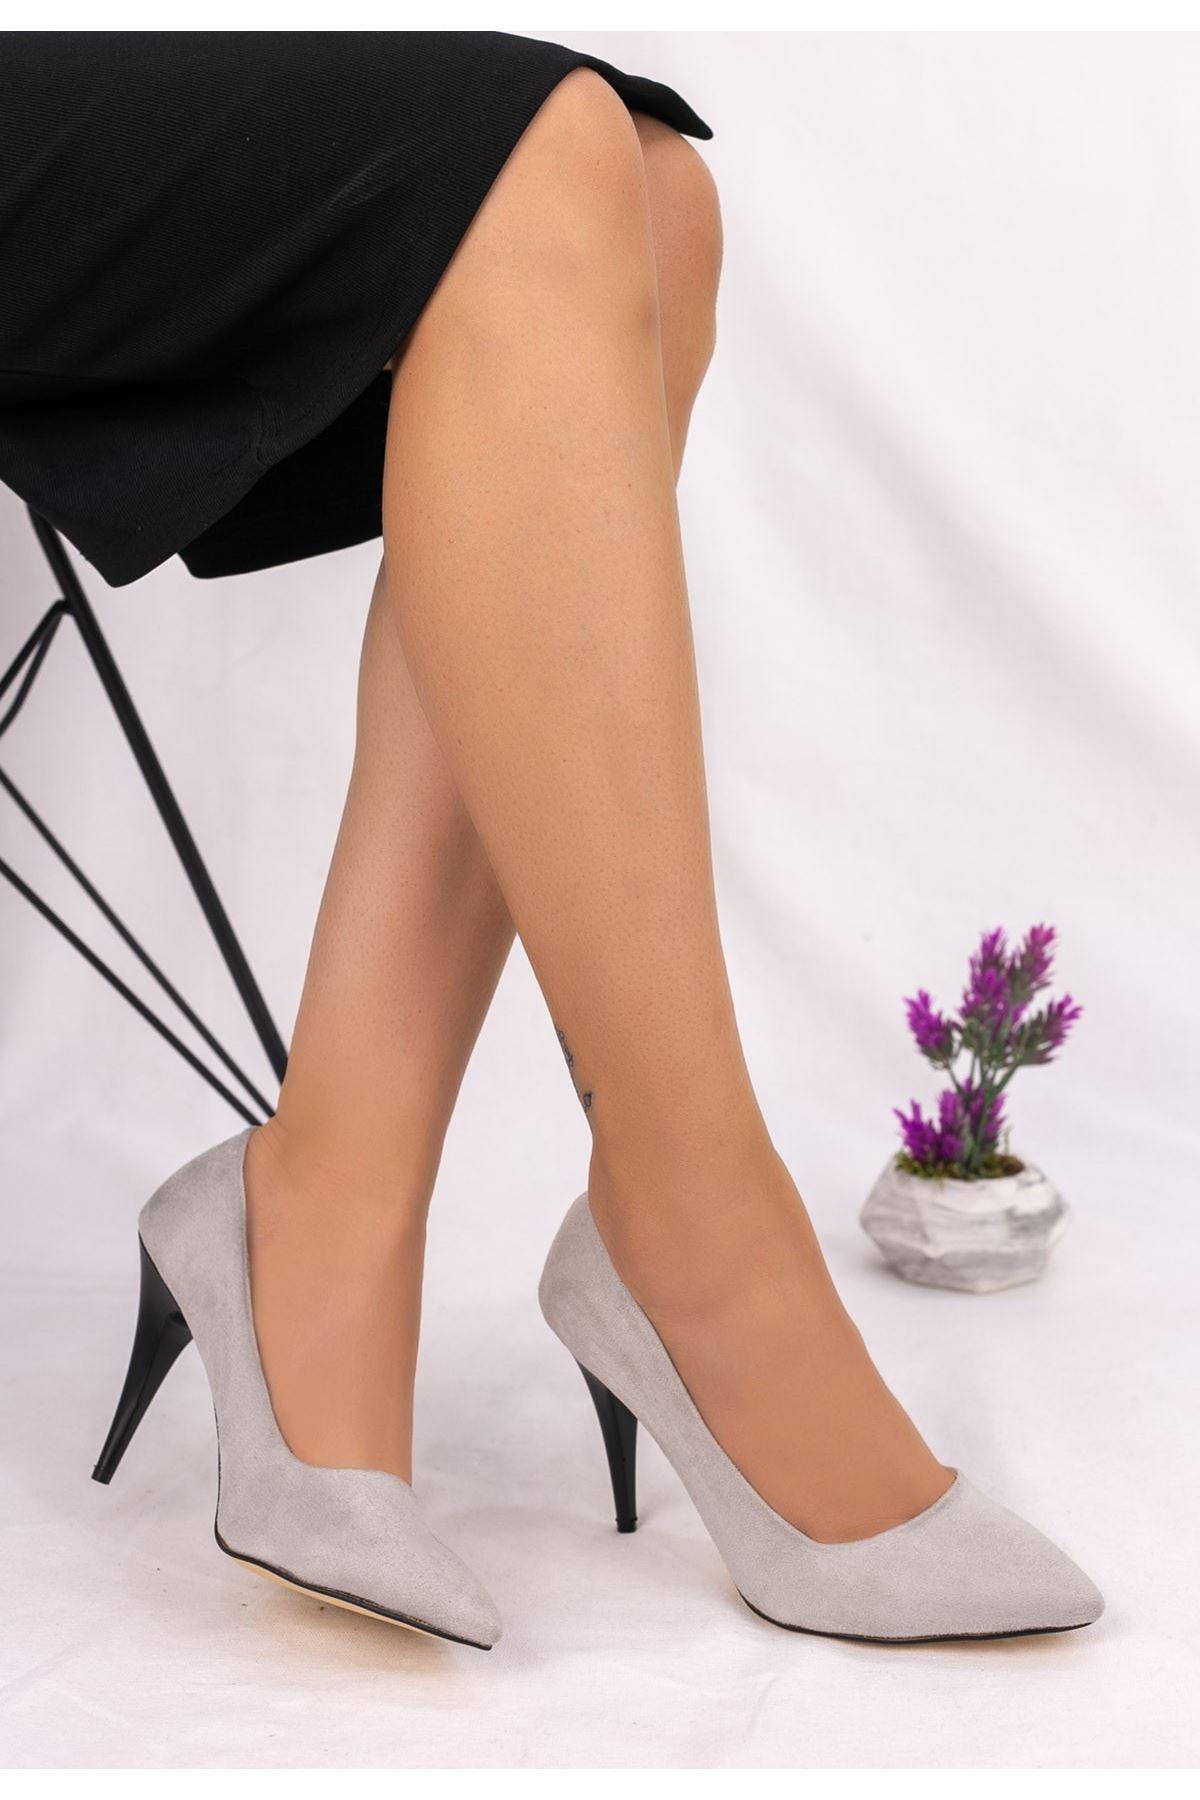 Revaxi Gri Süet Stiletto Ayakkabı